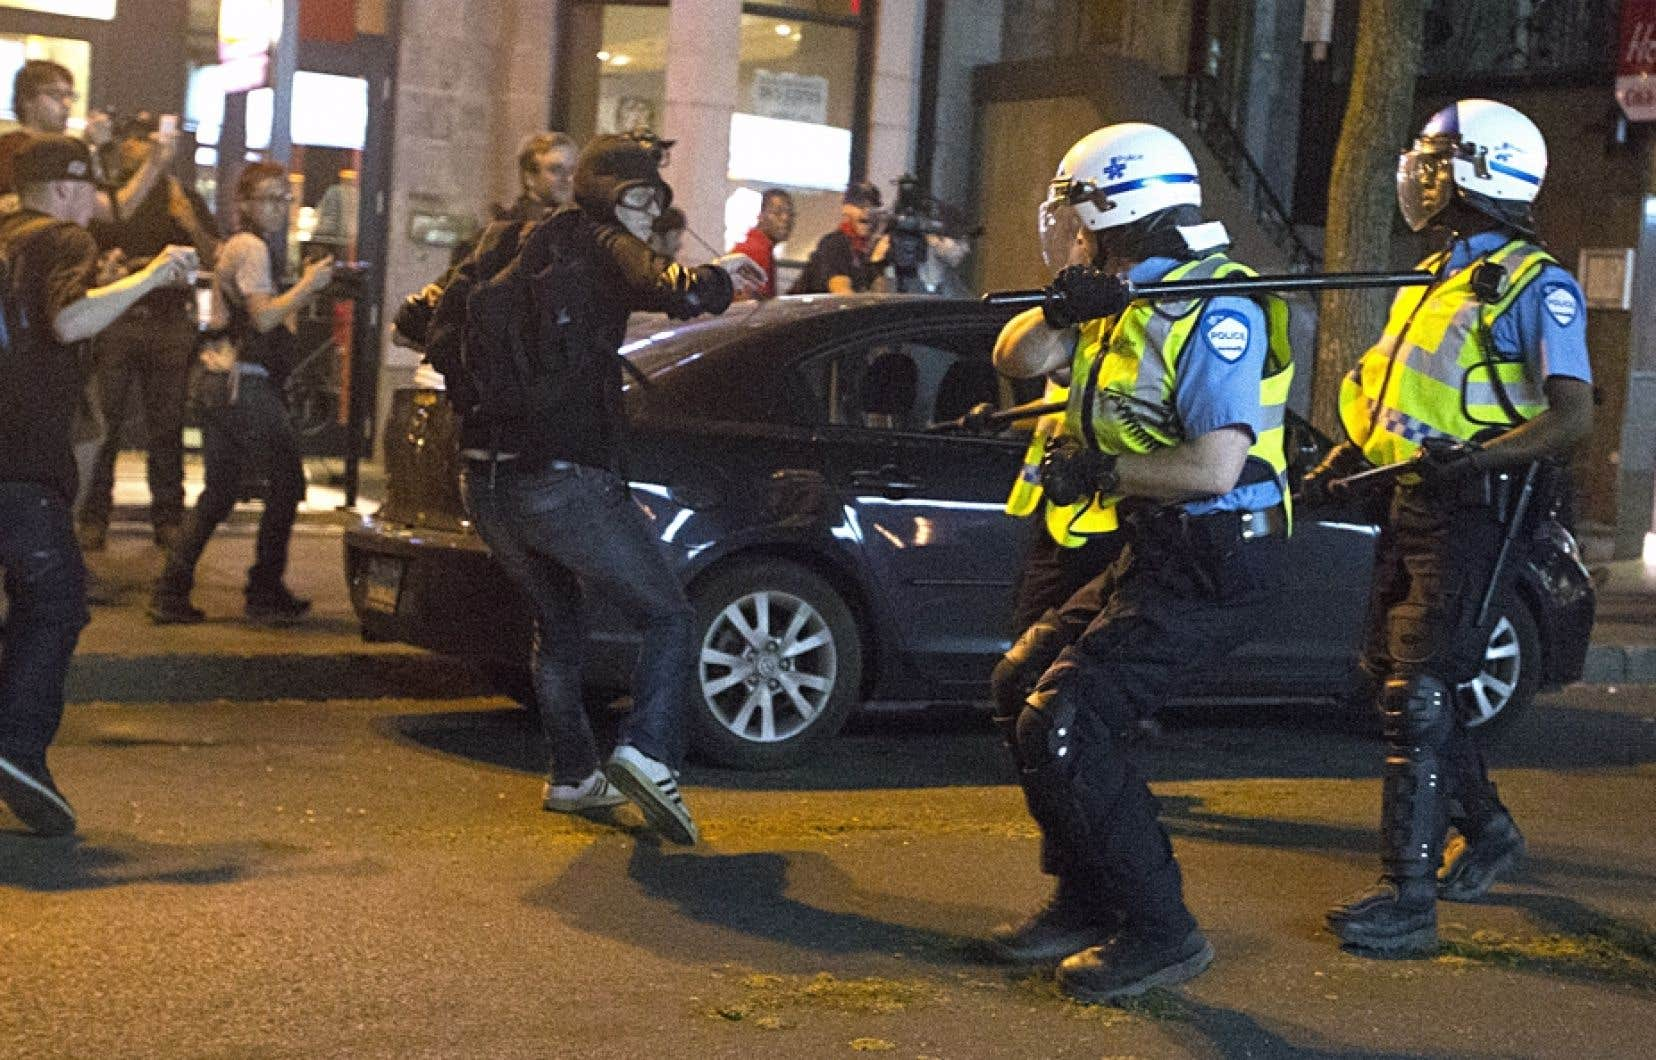 Intervention policière lors d'une manifestation étudiante en mars 2013